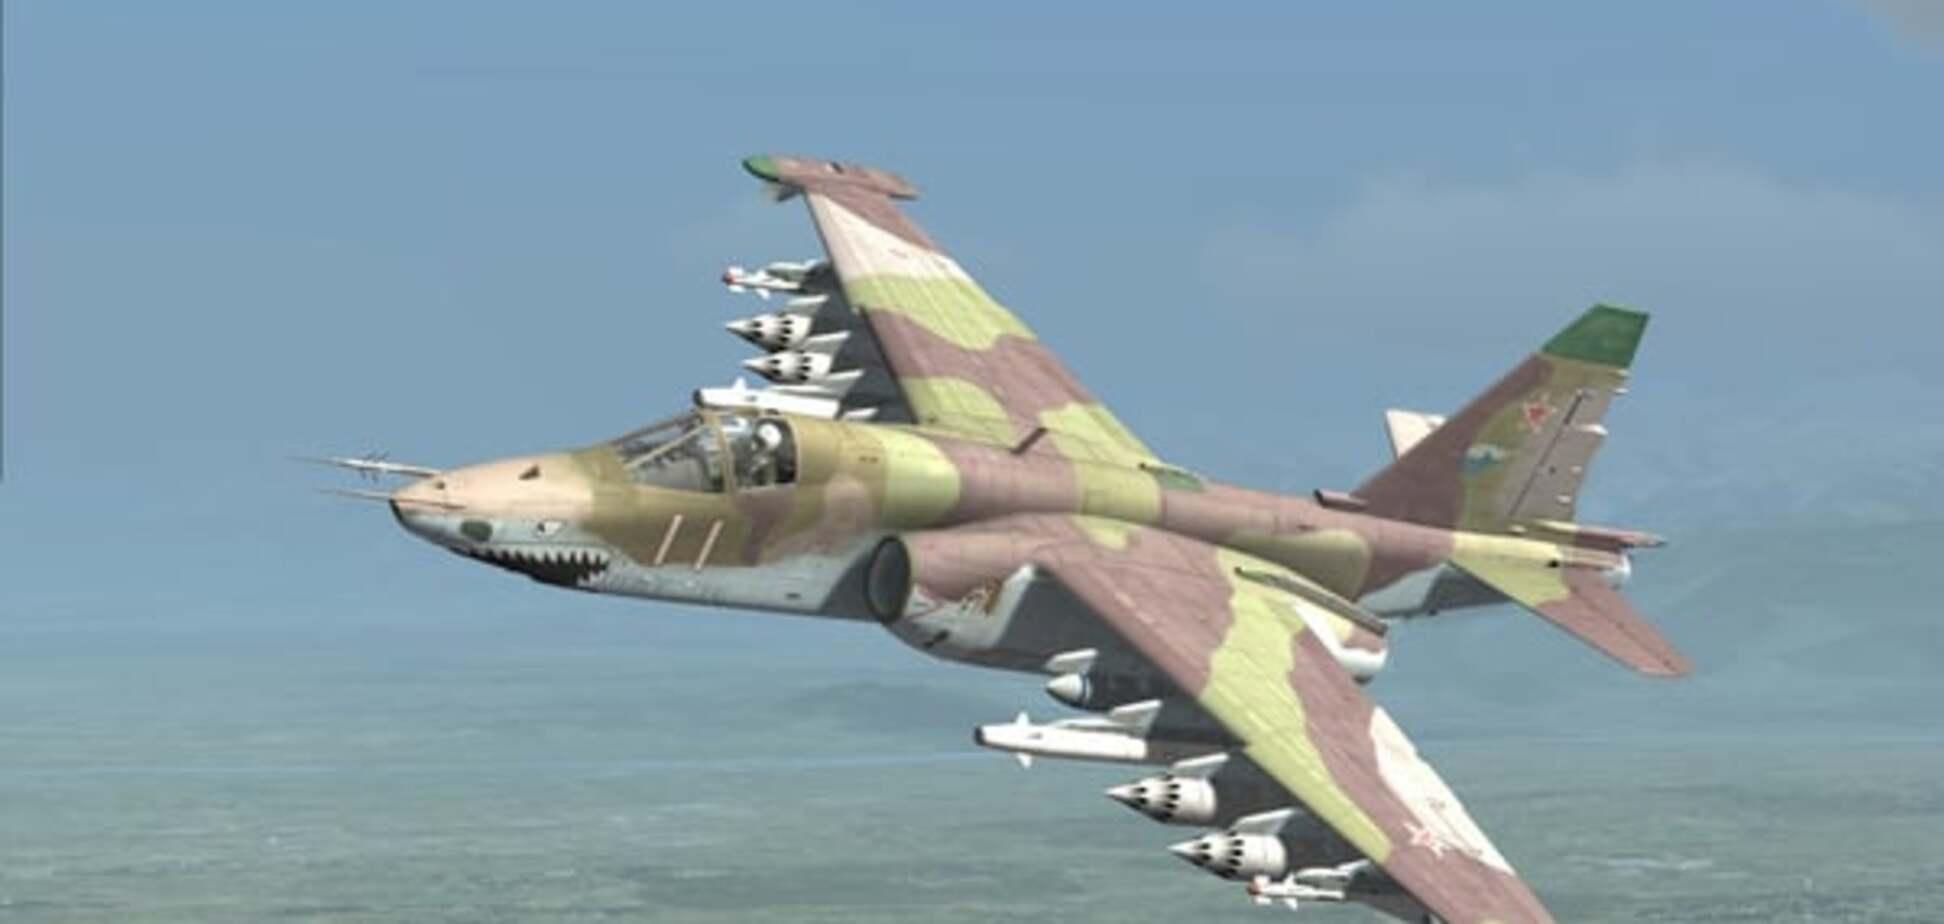 В Генштабе заявили об исправности разбившегося штурмовика Су-25